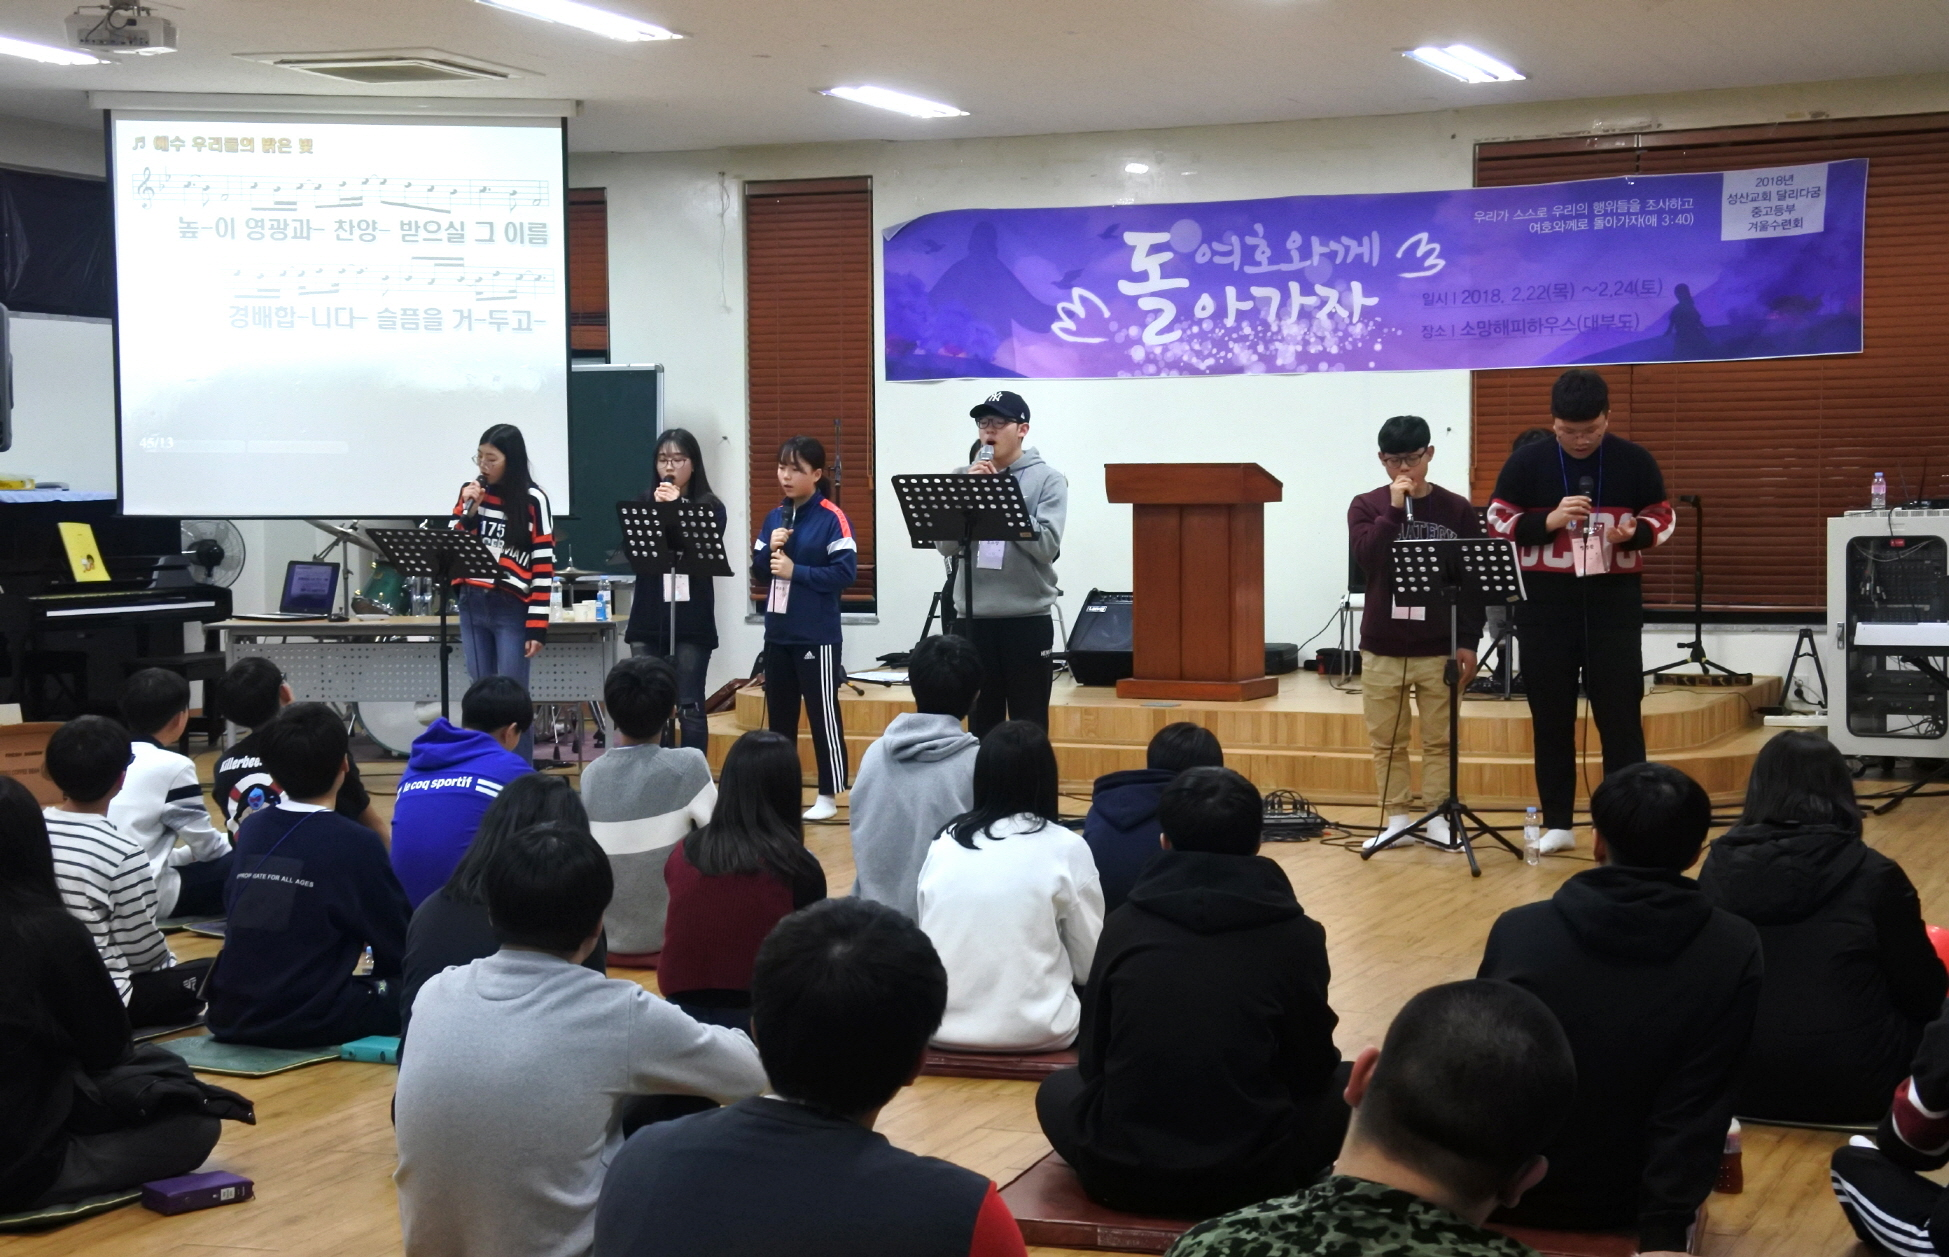 작은크기_05첫날집회 (01).JPG